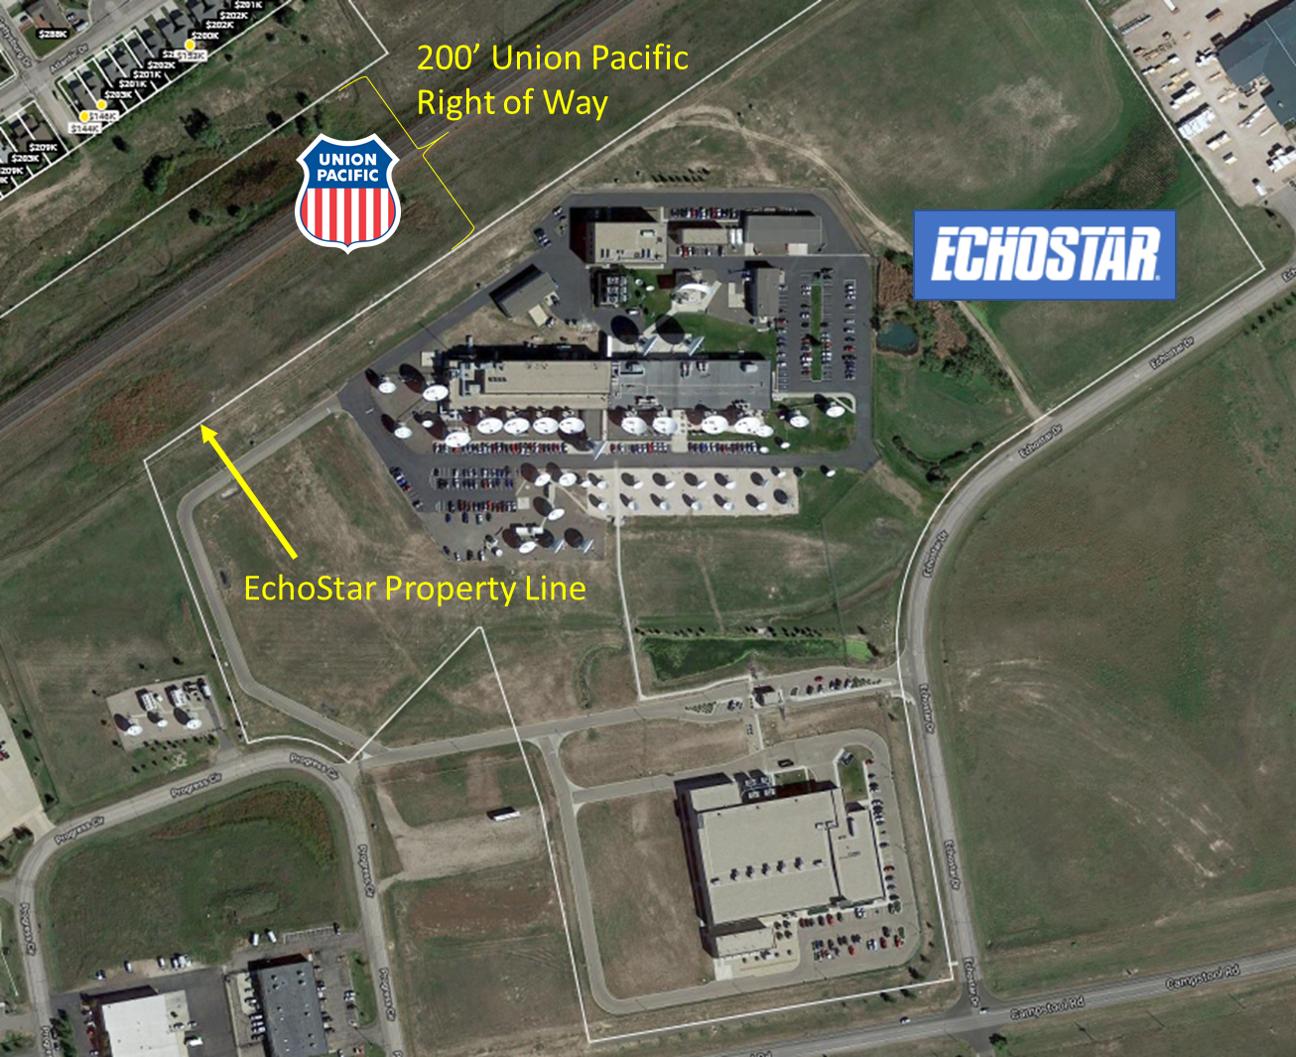 границы владений EchoStar и Union Pacific